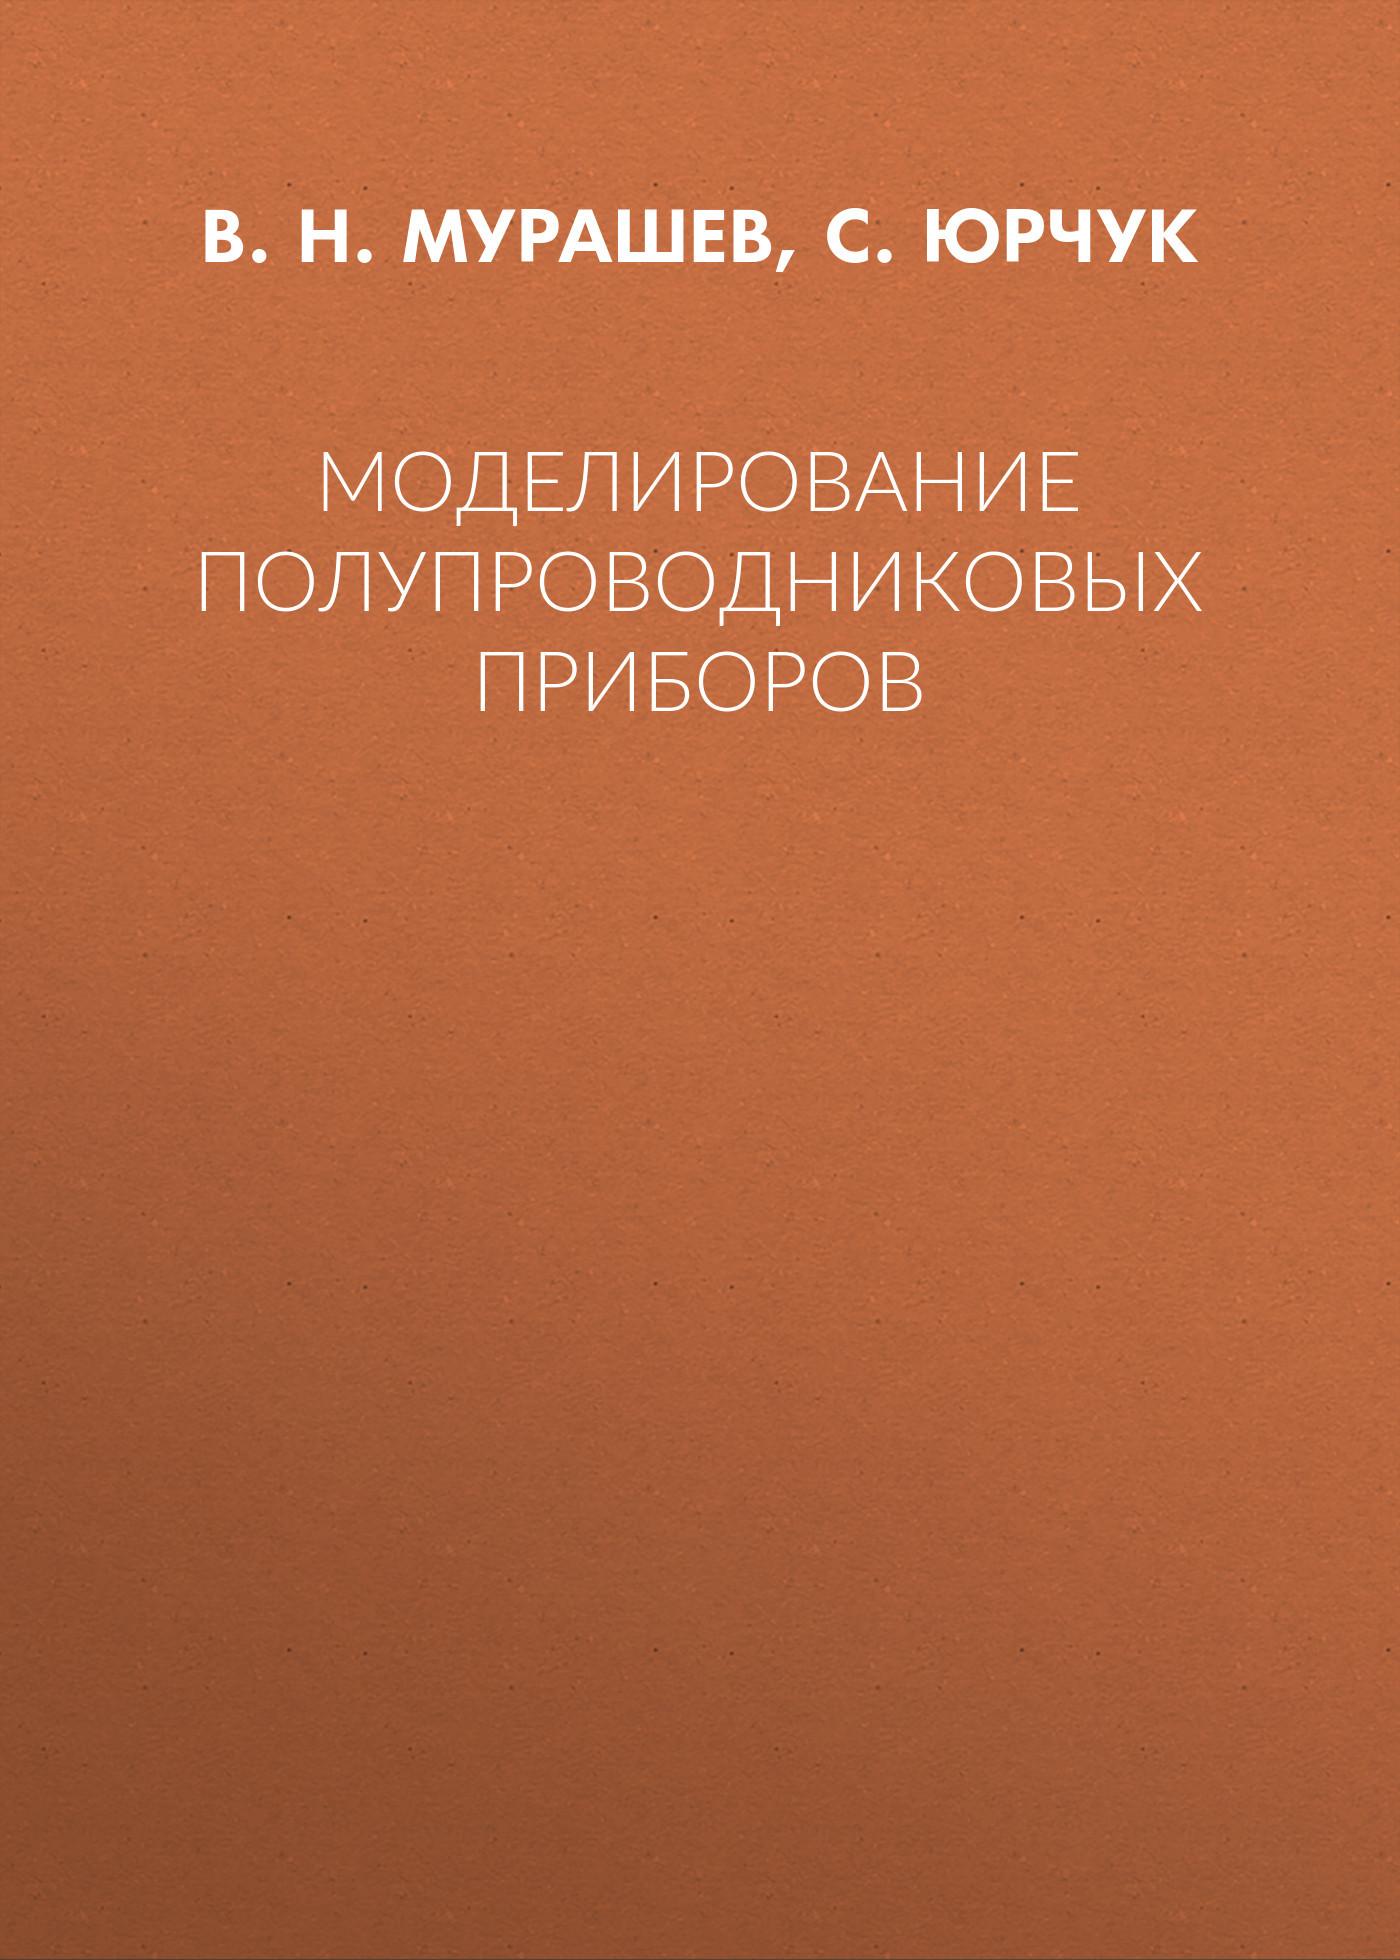 С. Ю. Юрчук Моделирование полупроводниковых приборов